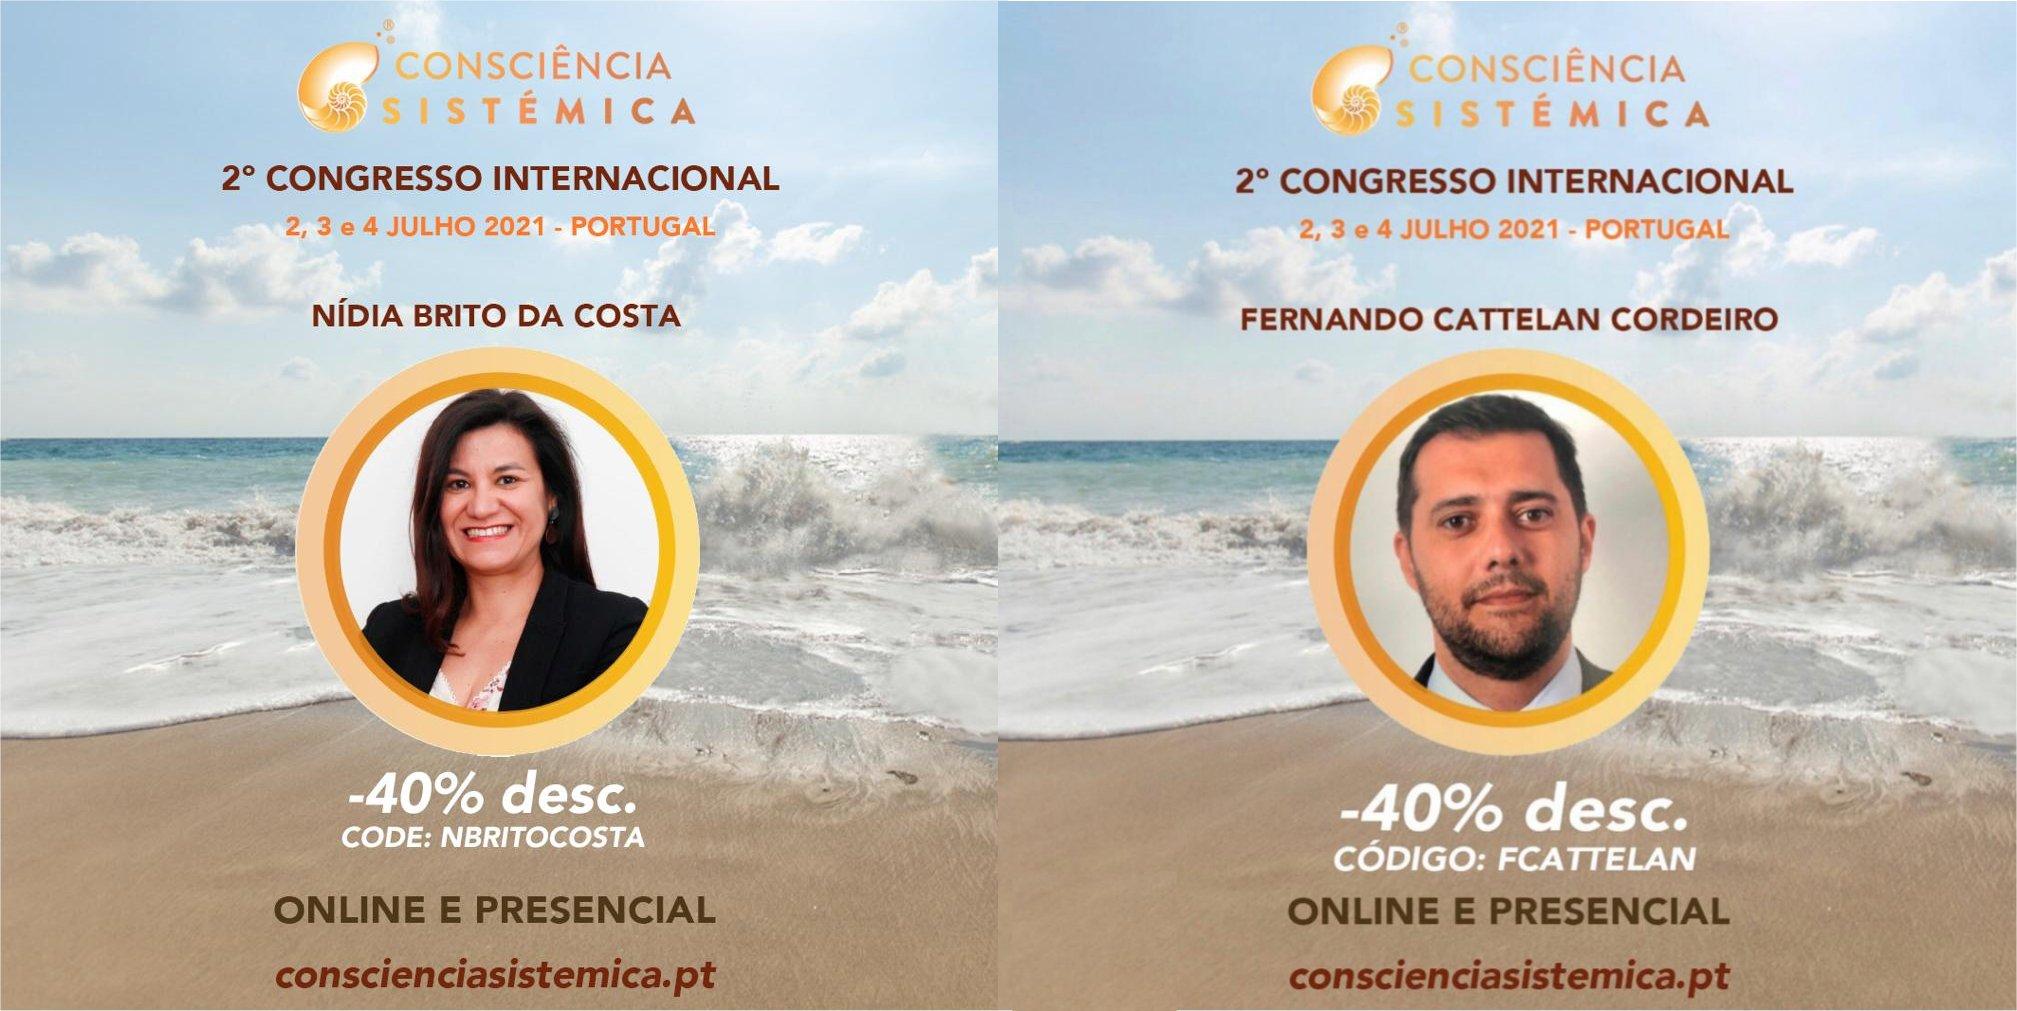 2 Congresso Internacional Consciéncia Sistémica